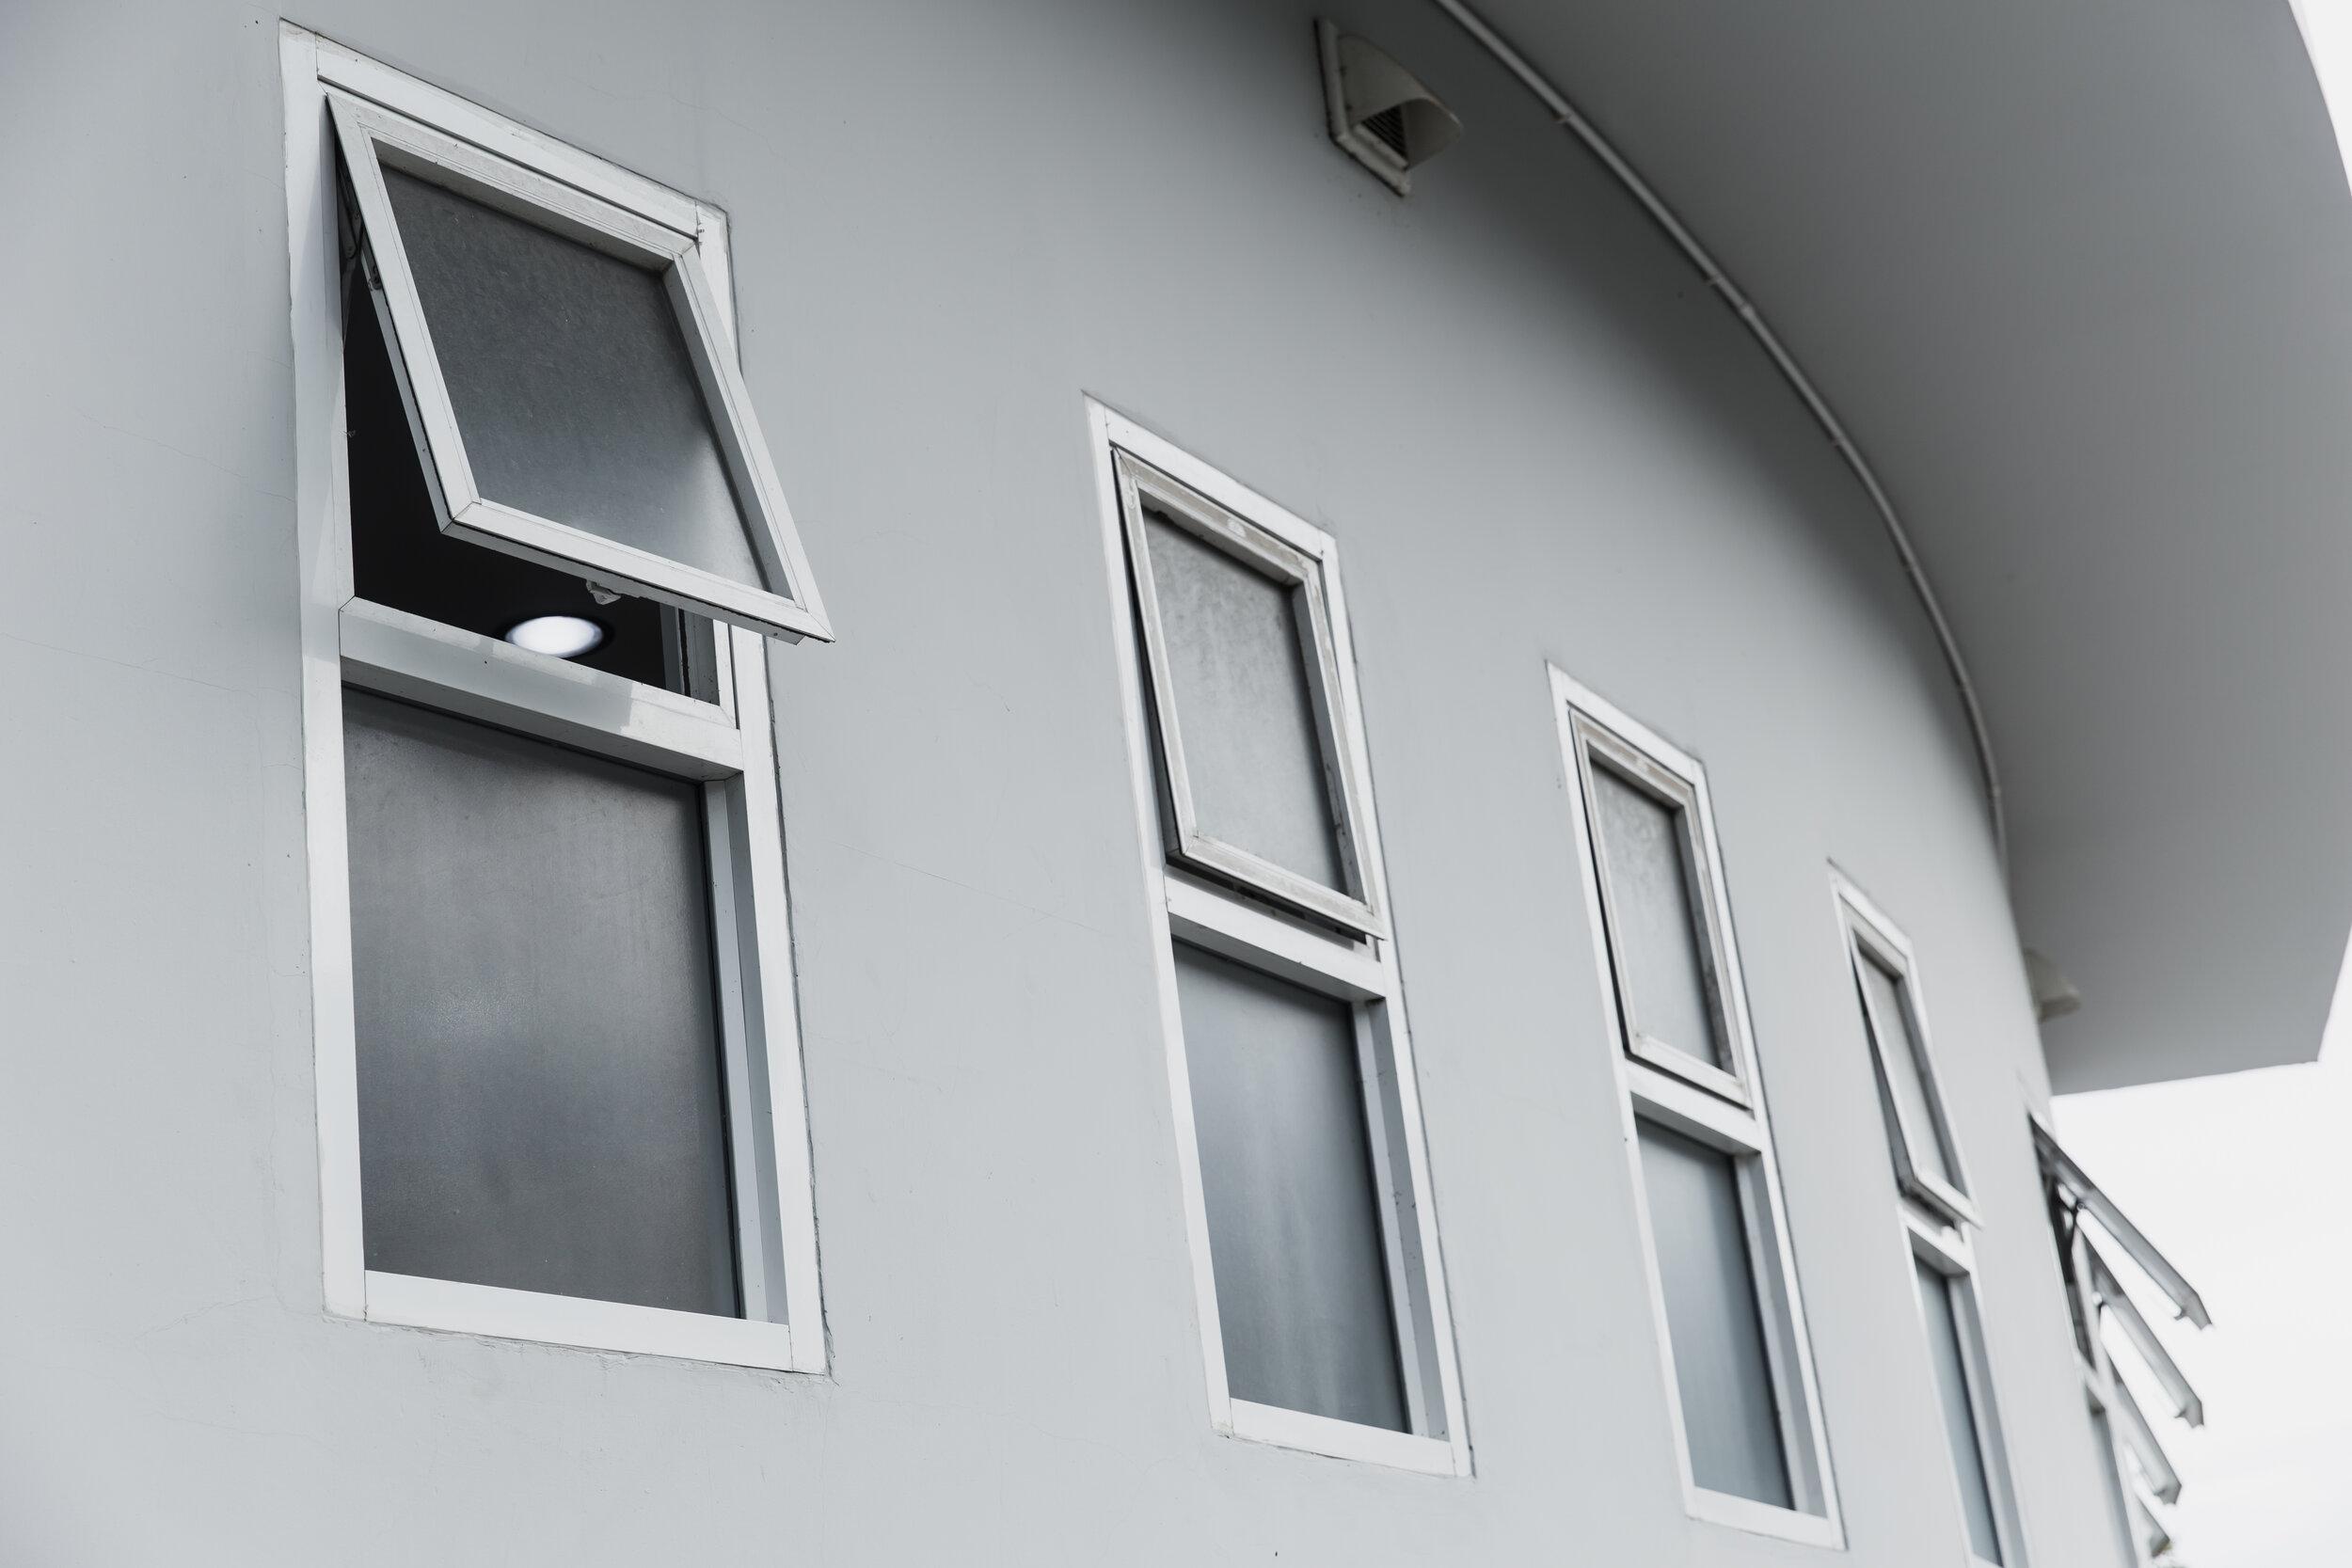 遮阳篷Windows 4.jpg.